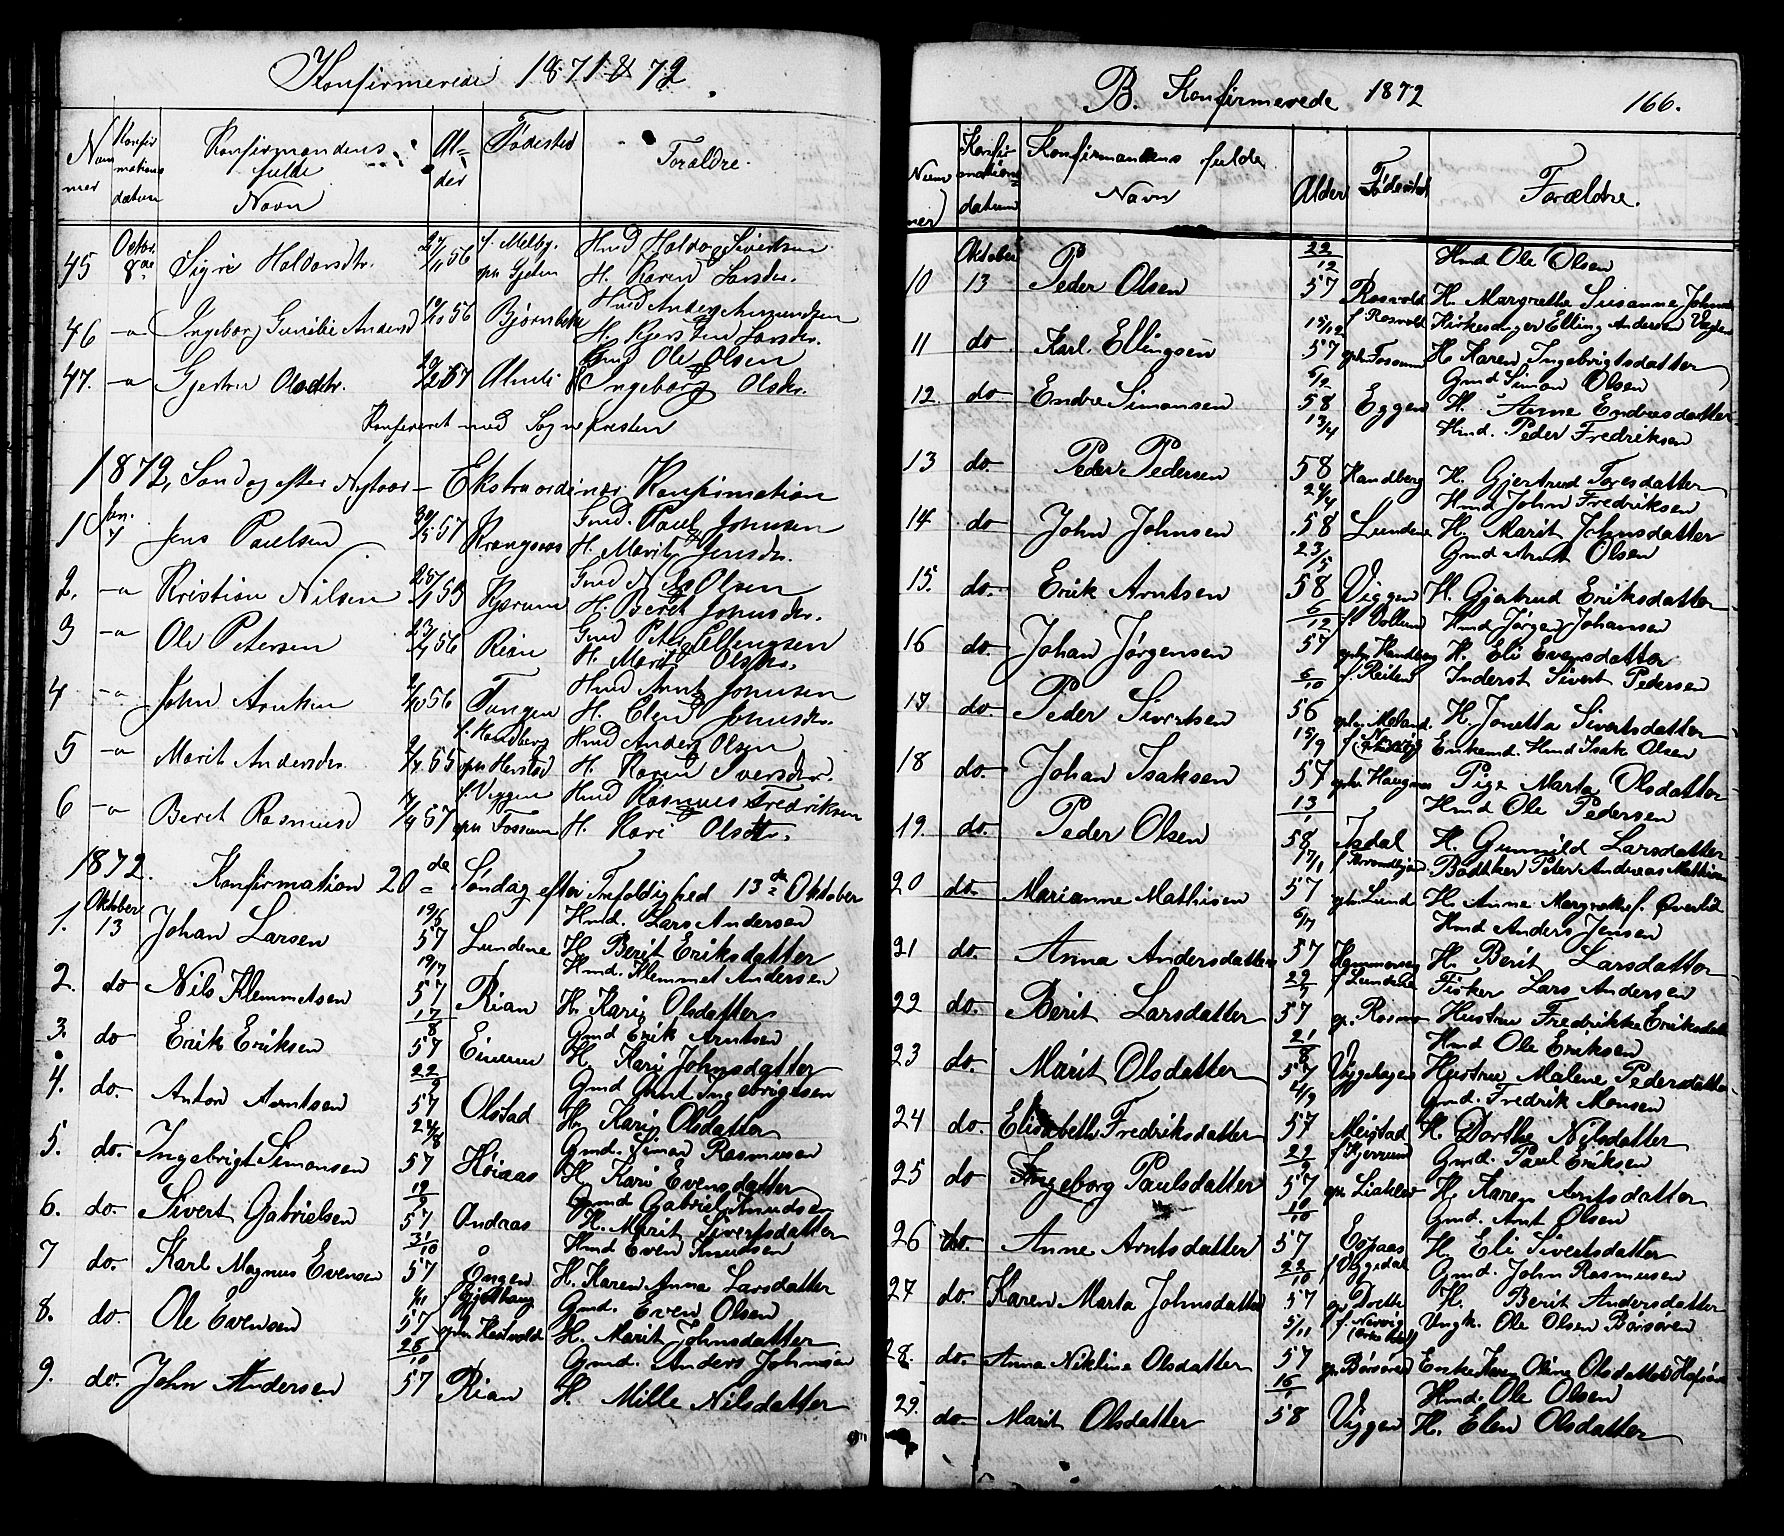 SAT, Ministerialprotokoller, klokkerbøker og fødselsregistre - Sør-Trøndelag, 665/L0777: Klokkerbok nr. 665C02, 1867-1915, s. 166